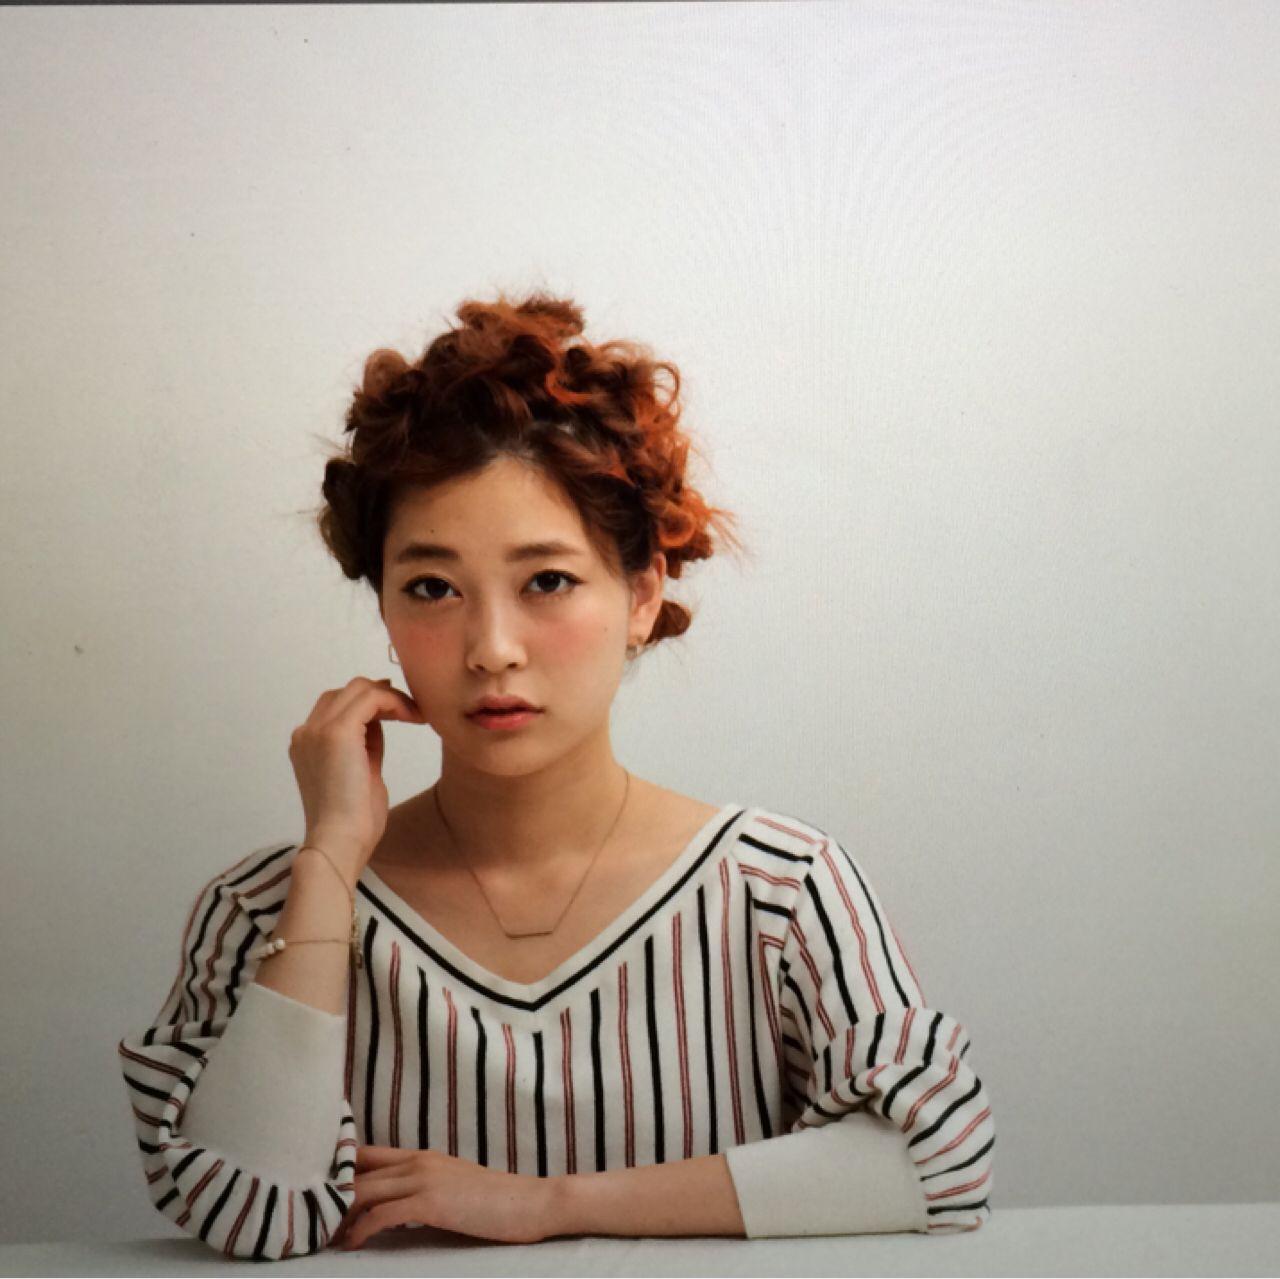 ショートさん向け簡単ヘアアレンジで、マンネリしがちな雰囲気変えてみる? 中川遥